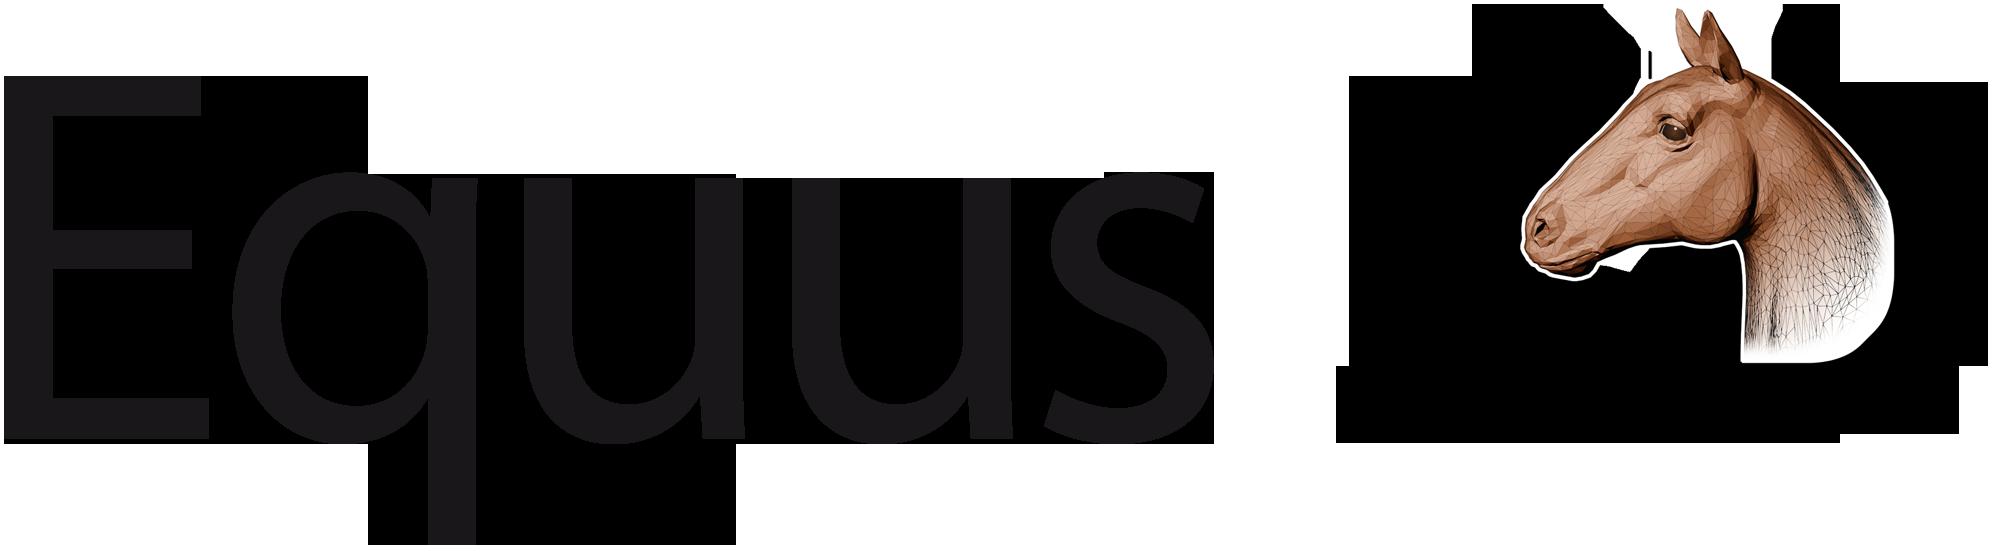 Equus-3D - Ihr Pferd in 3D